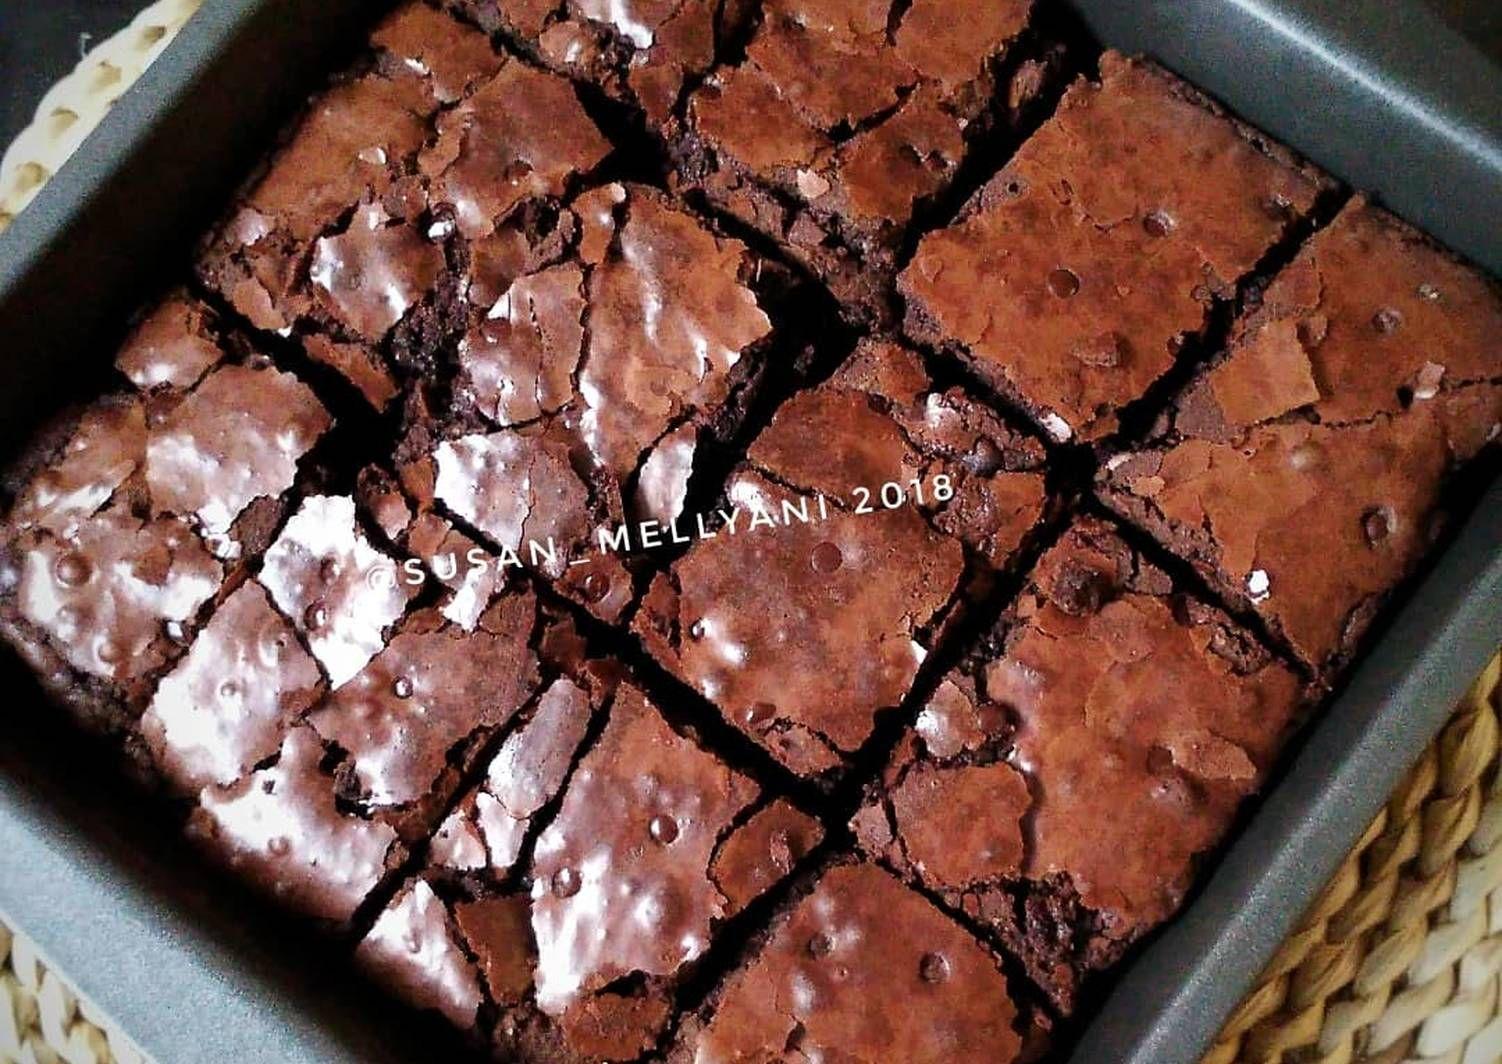 Resep Fudge Brownies Oleh Susan Mellyani Resep Resep Fudge Resep Makanan Penutup Fudge